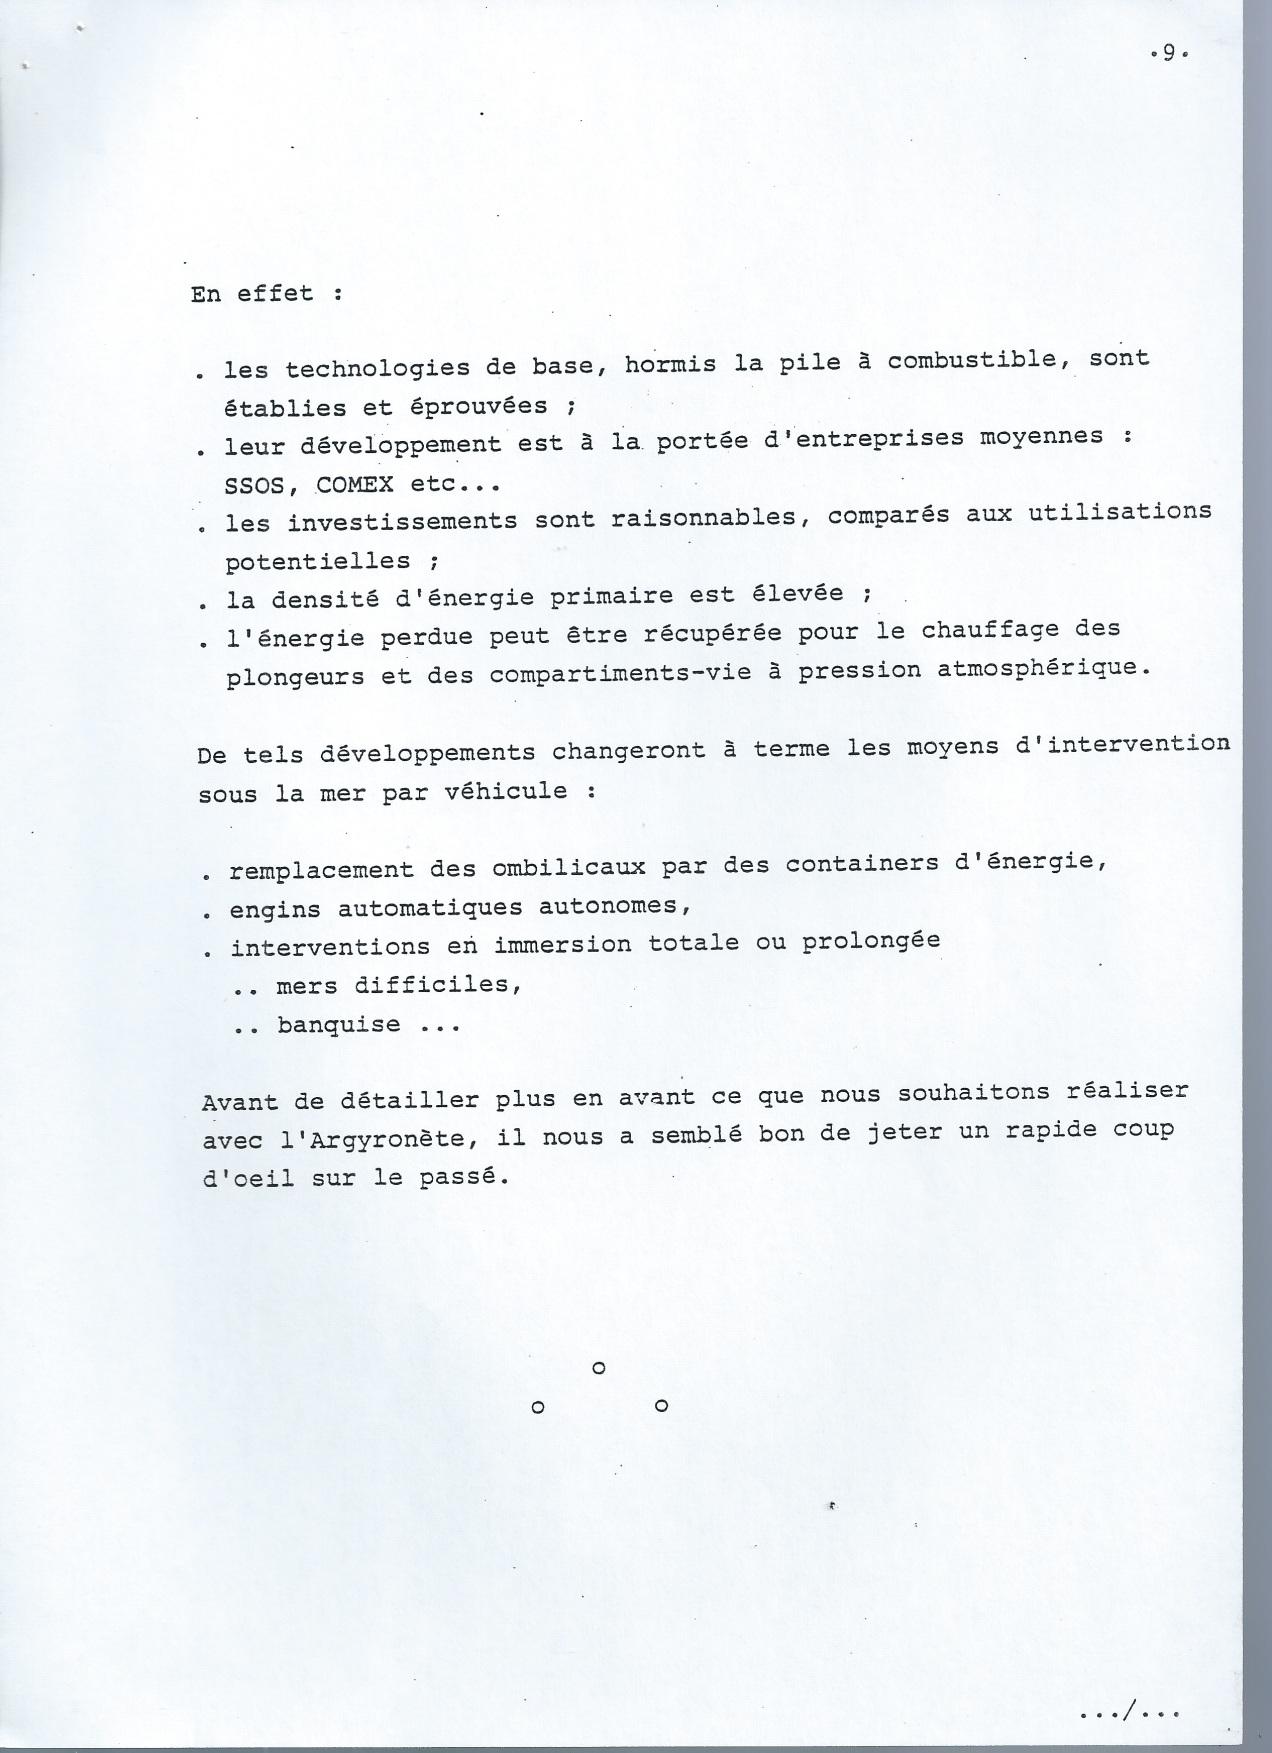 Argyronète_CX09